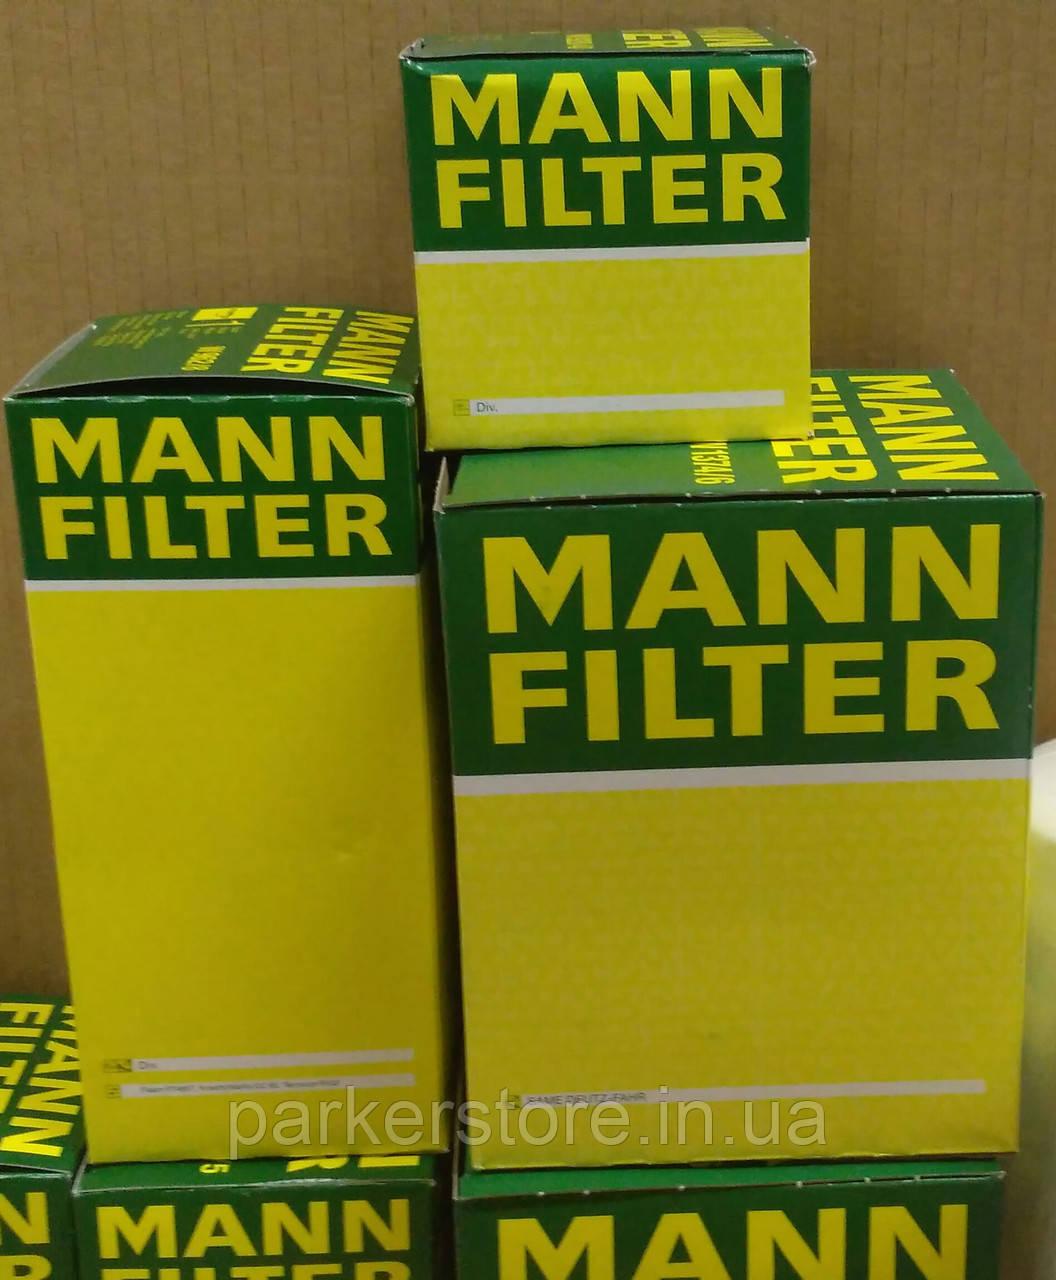 MANN FILTER / Повітряний фільтр / C 30 1730 / C301730